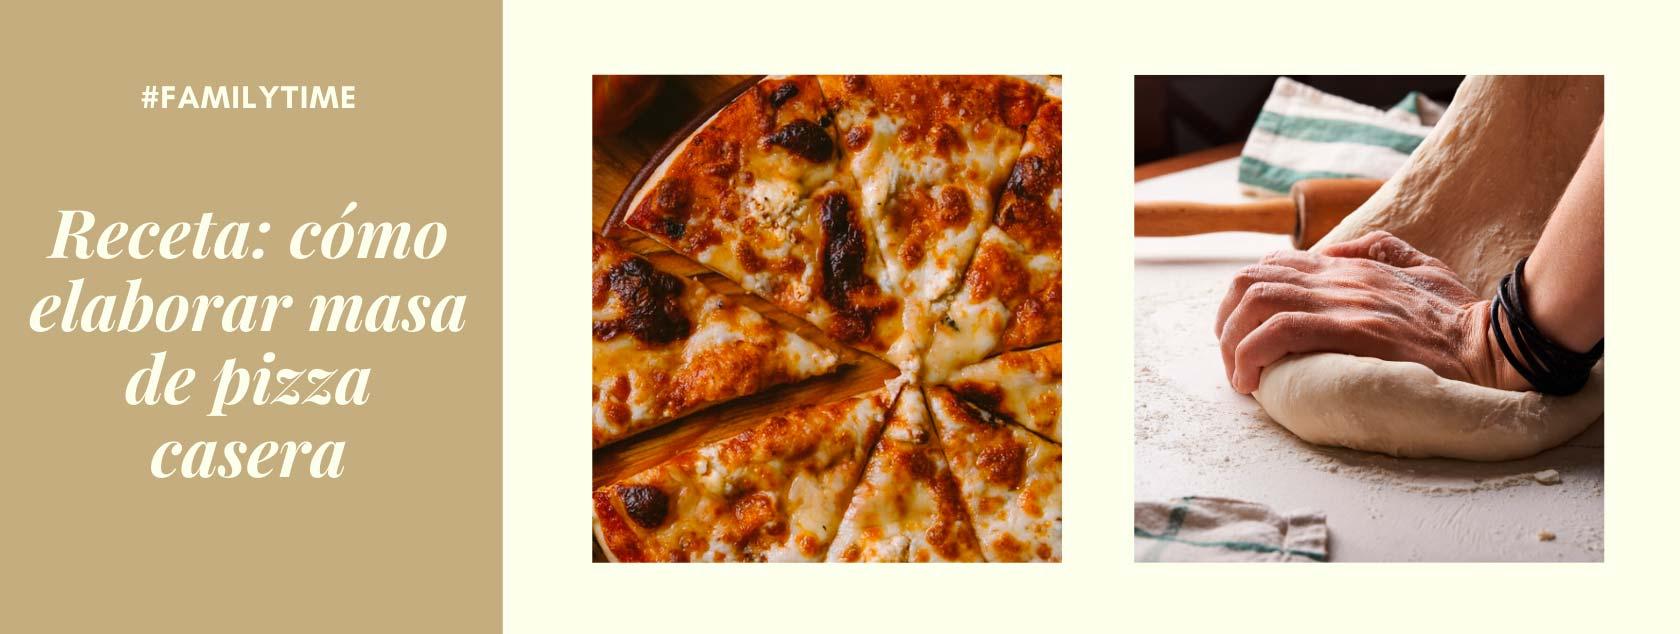 Family Time. Receta para elaborar masa de pizza casera